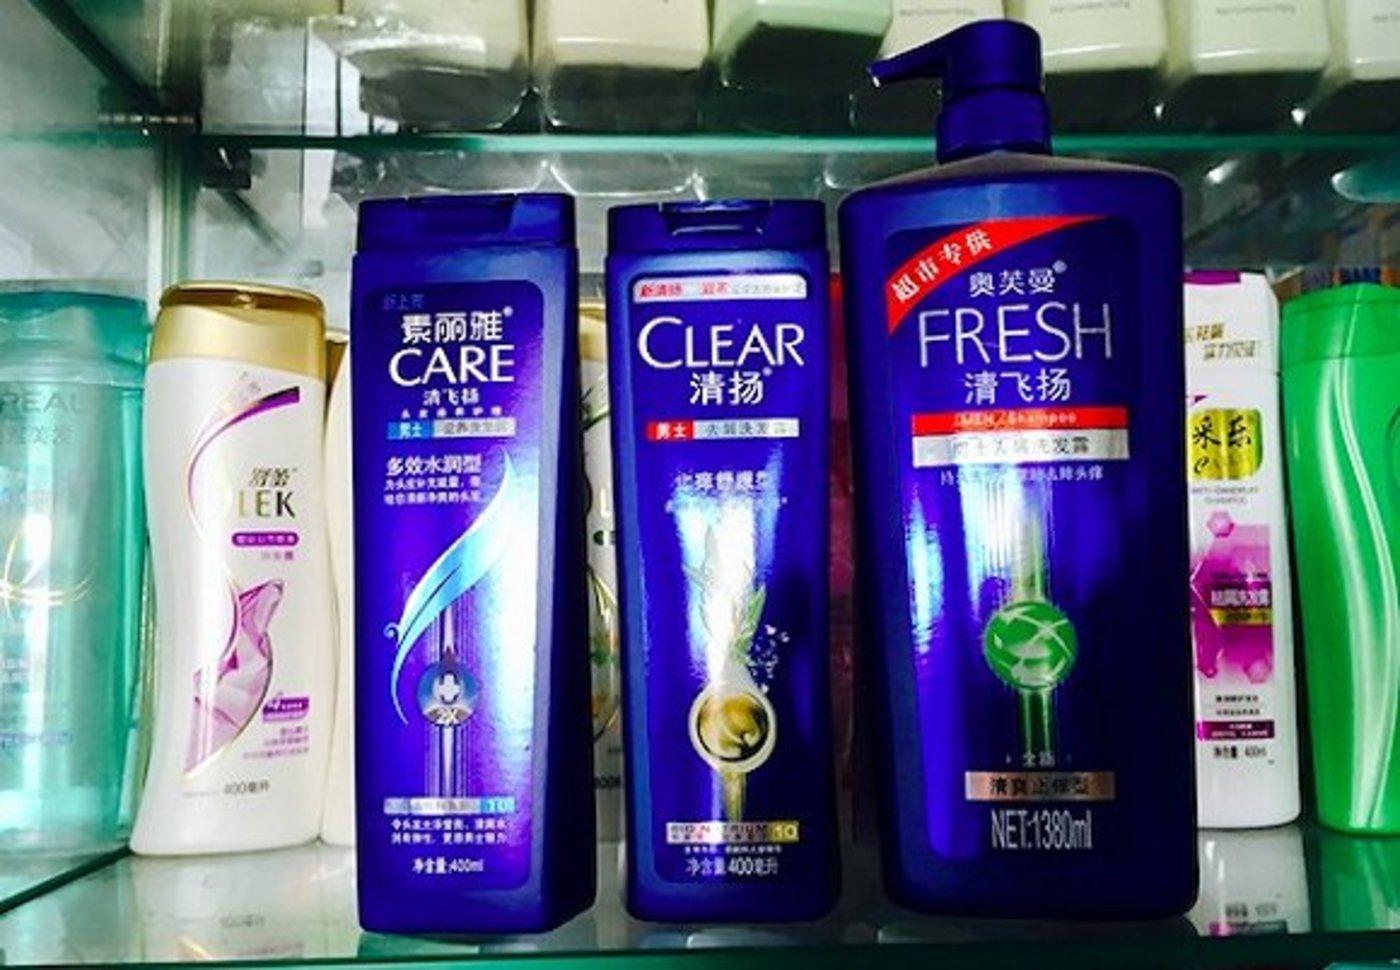 北京新发地市场的清扬、清飞扬洗发水,前者是后者的5倍价格